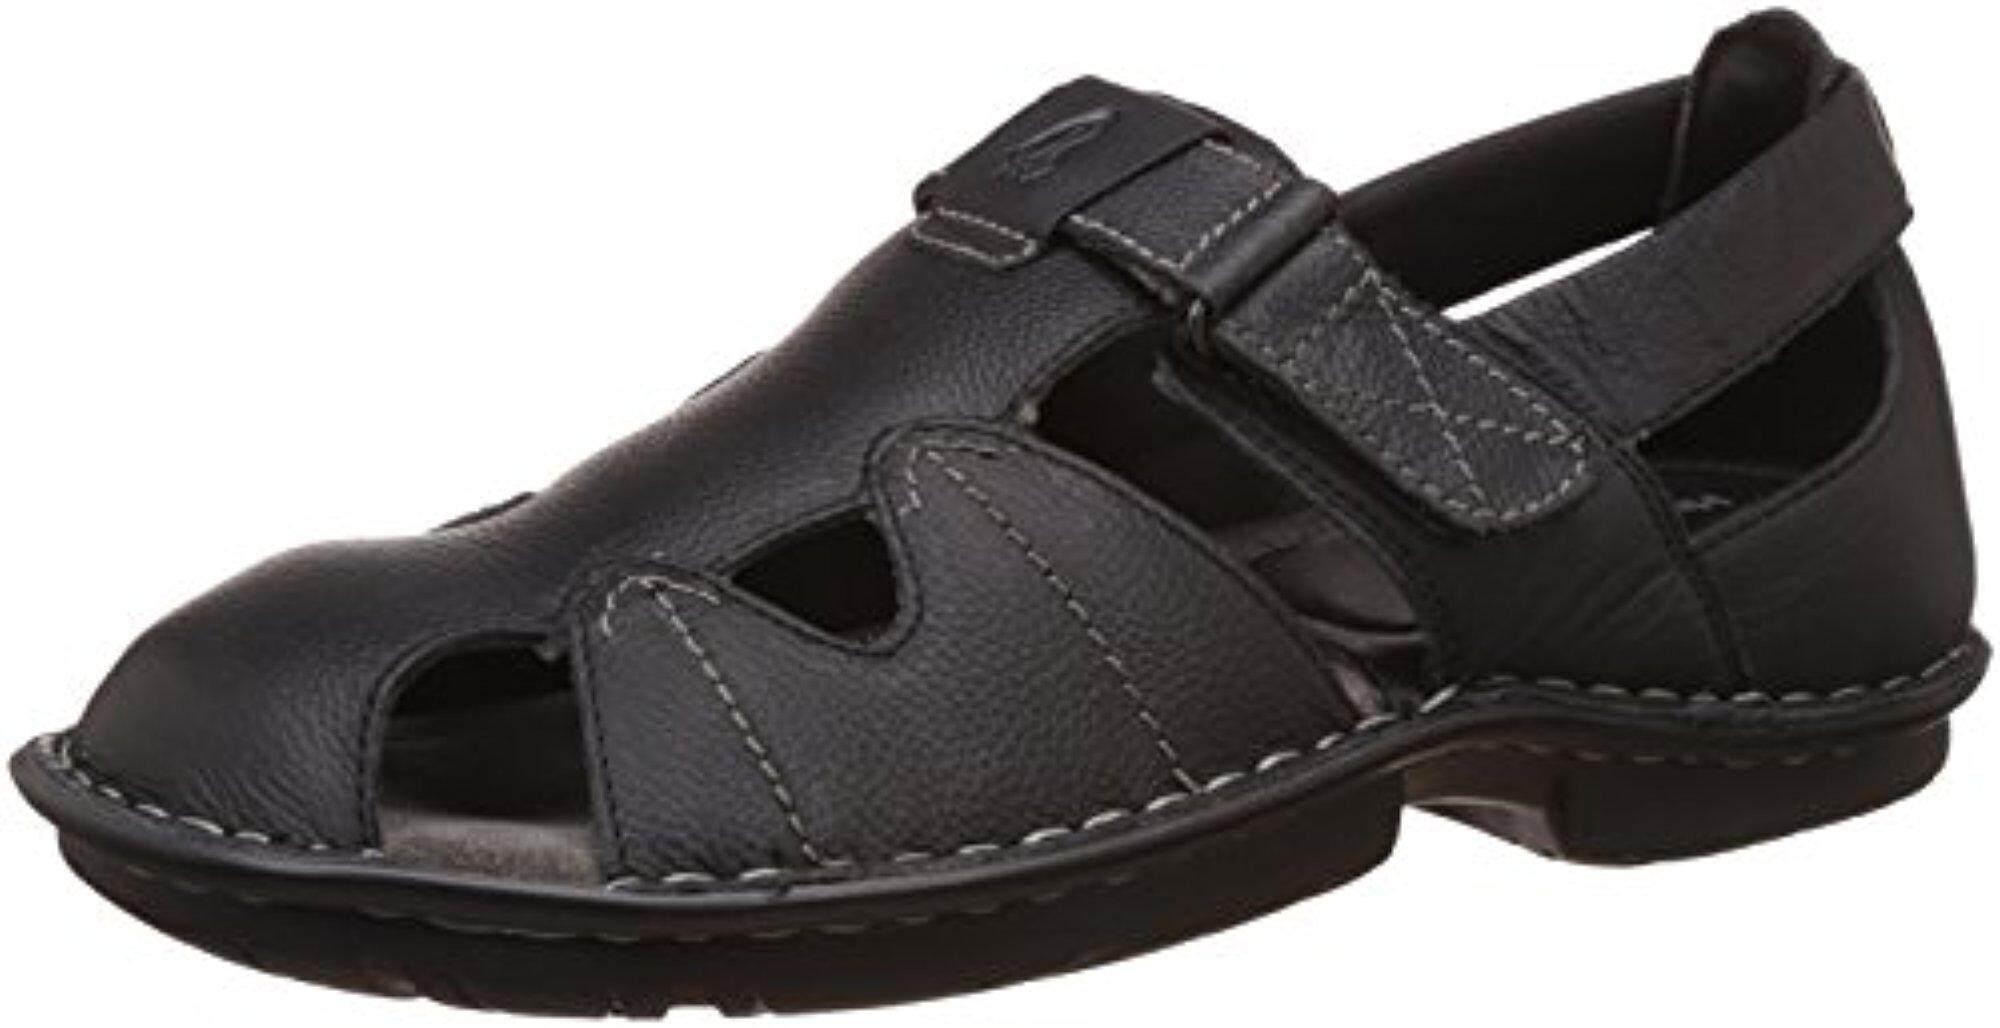 Hush Puppies Men's New Decent Oily Black Athletic & Outdoor Sandals - 7 UK/India (41 EU) (8646943) - intl